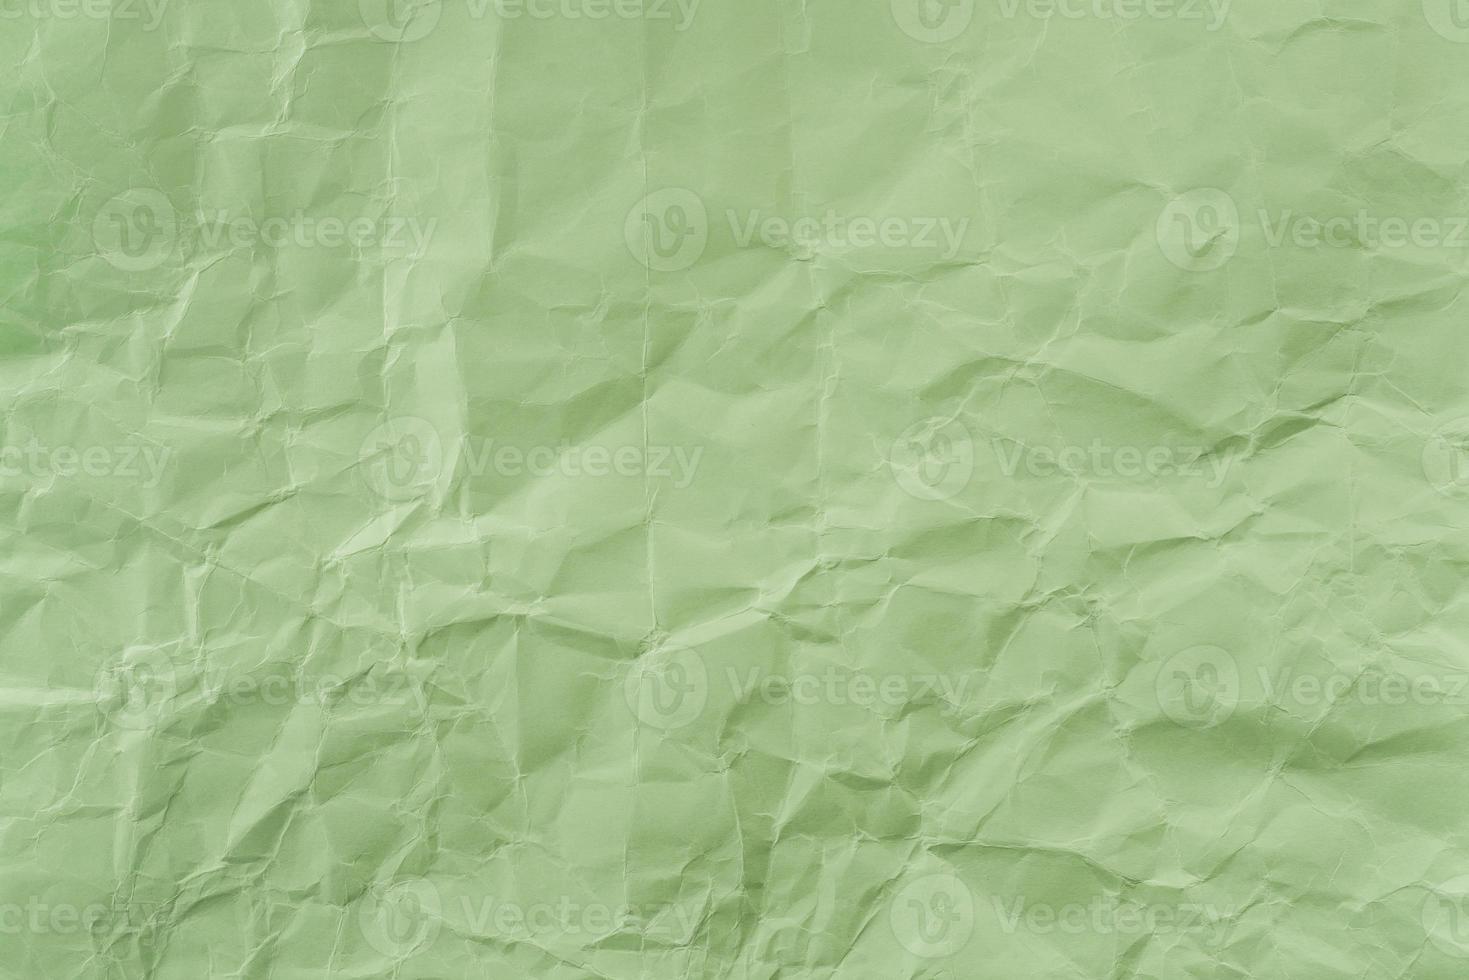 papel verde arrugado con textura suave. fondo simple. foto